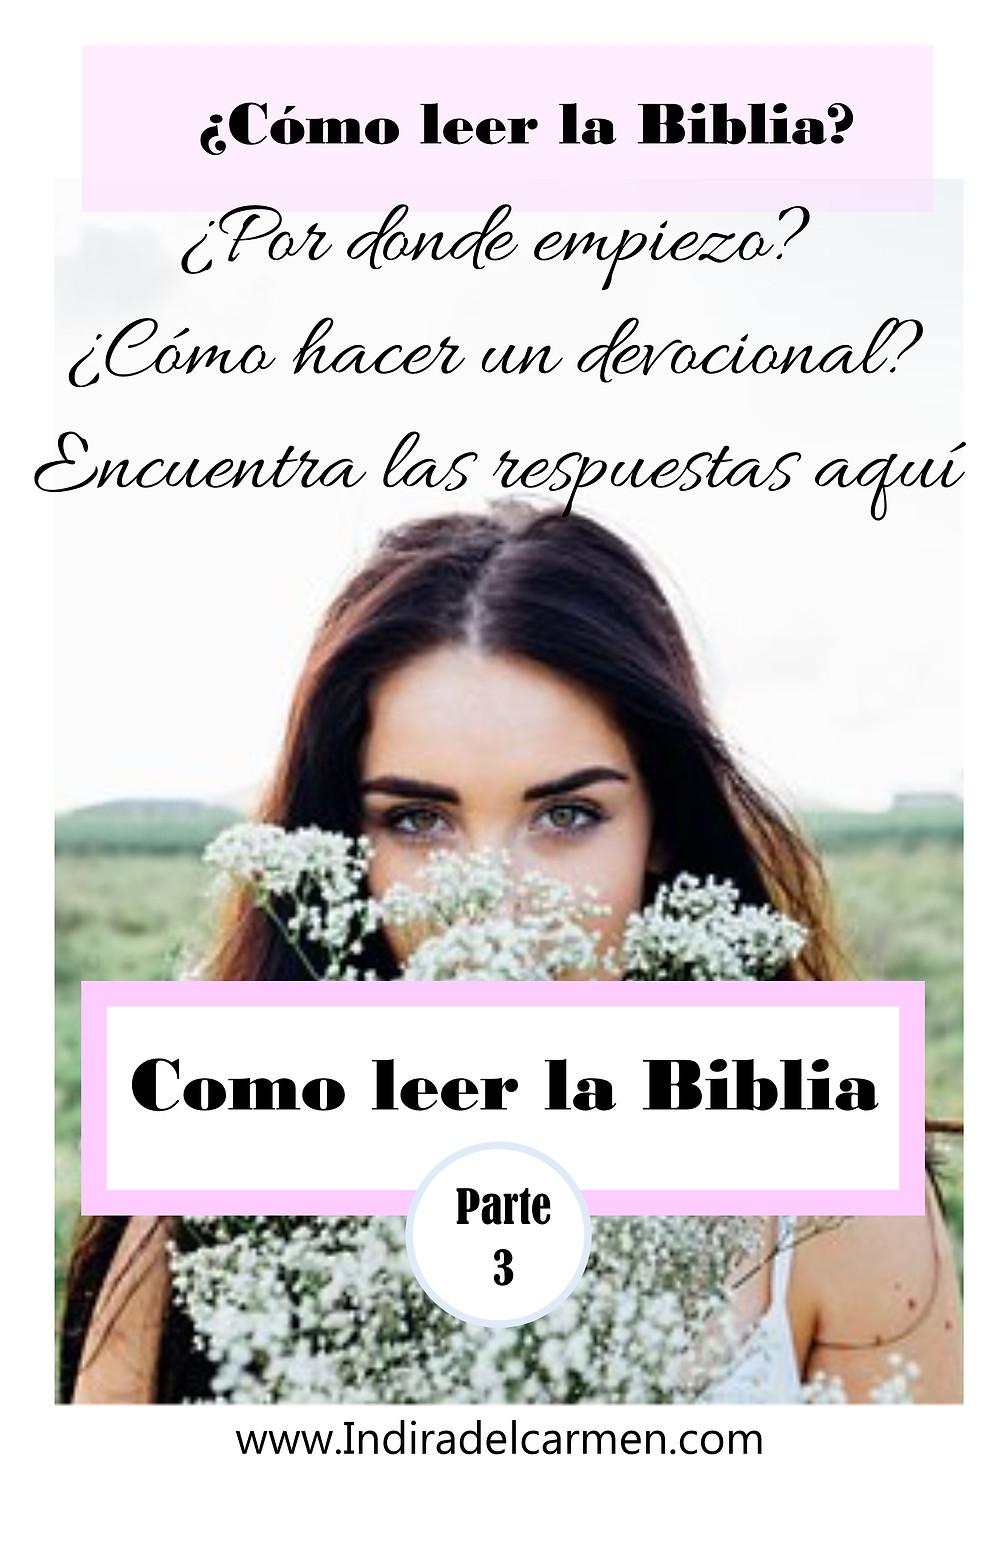 Como leer la Biblia, Biblia Nueva Traduccion Viviente, Como conocer a Dios La Palabra de Dios, Blog Cristiano, Blog Cristiano para mujeres